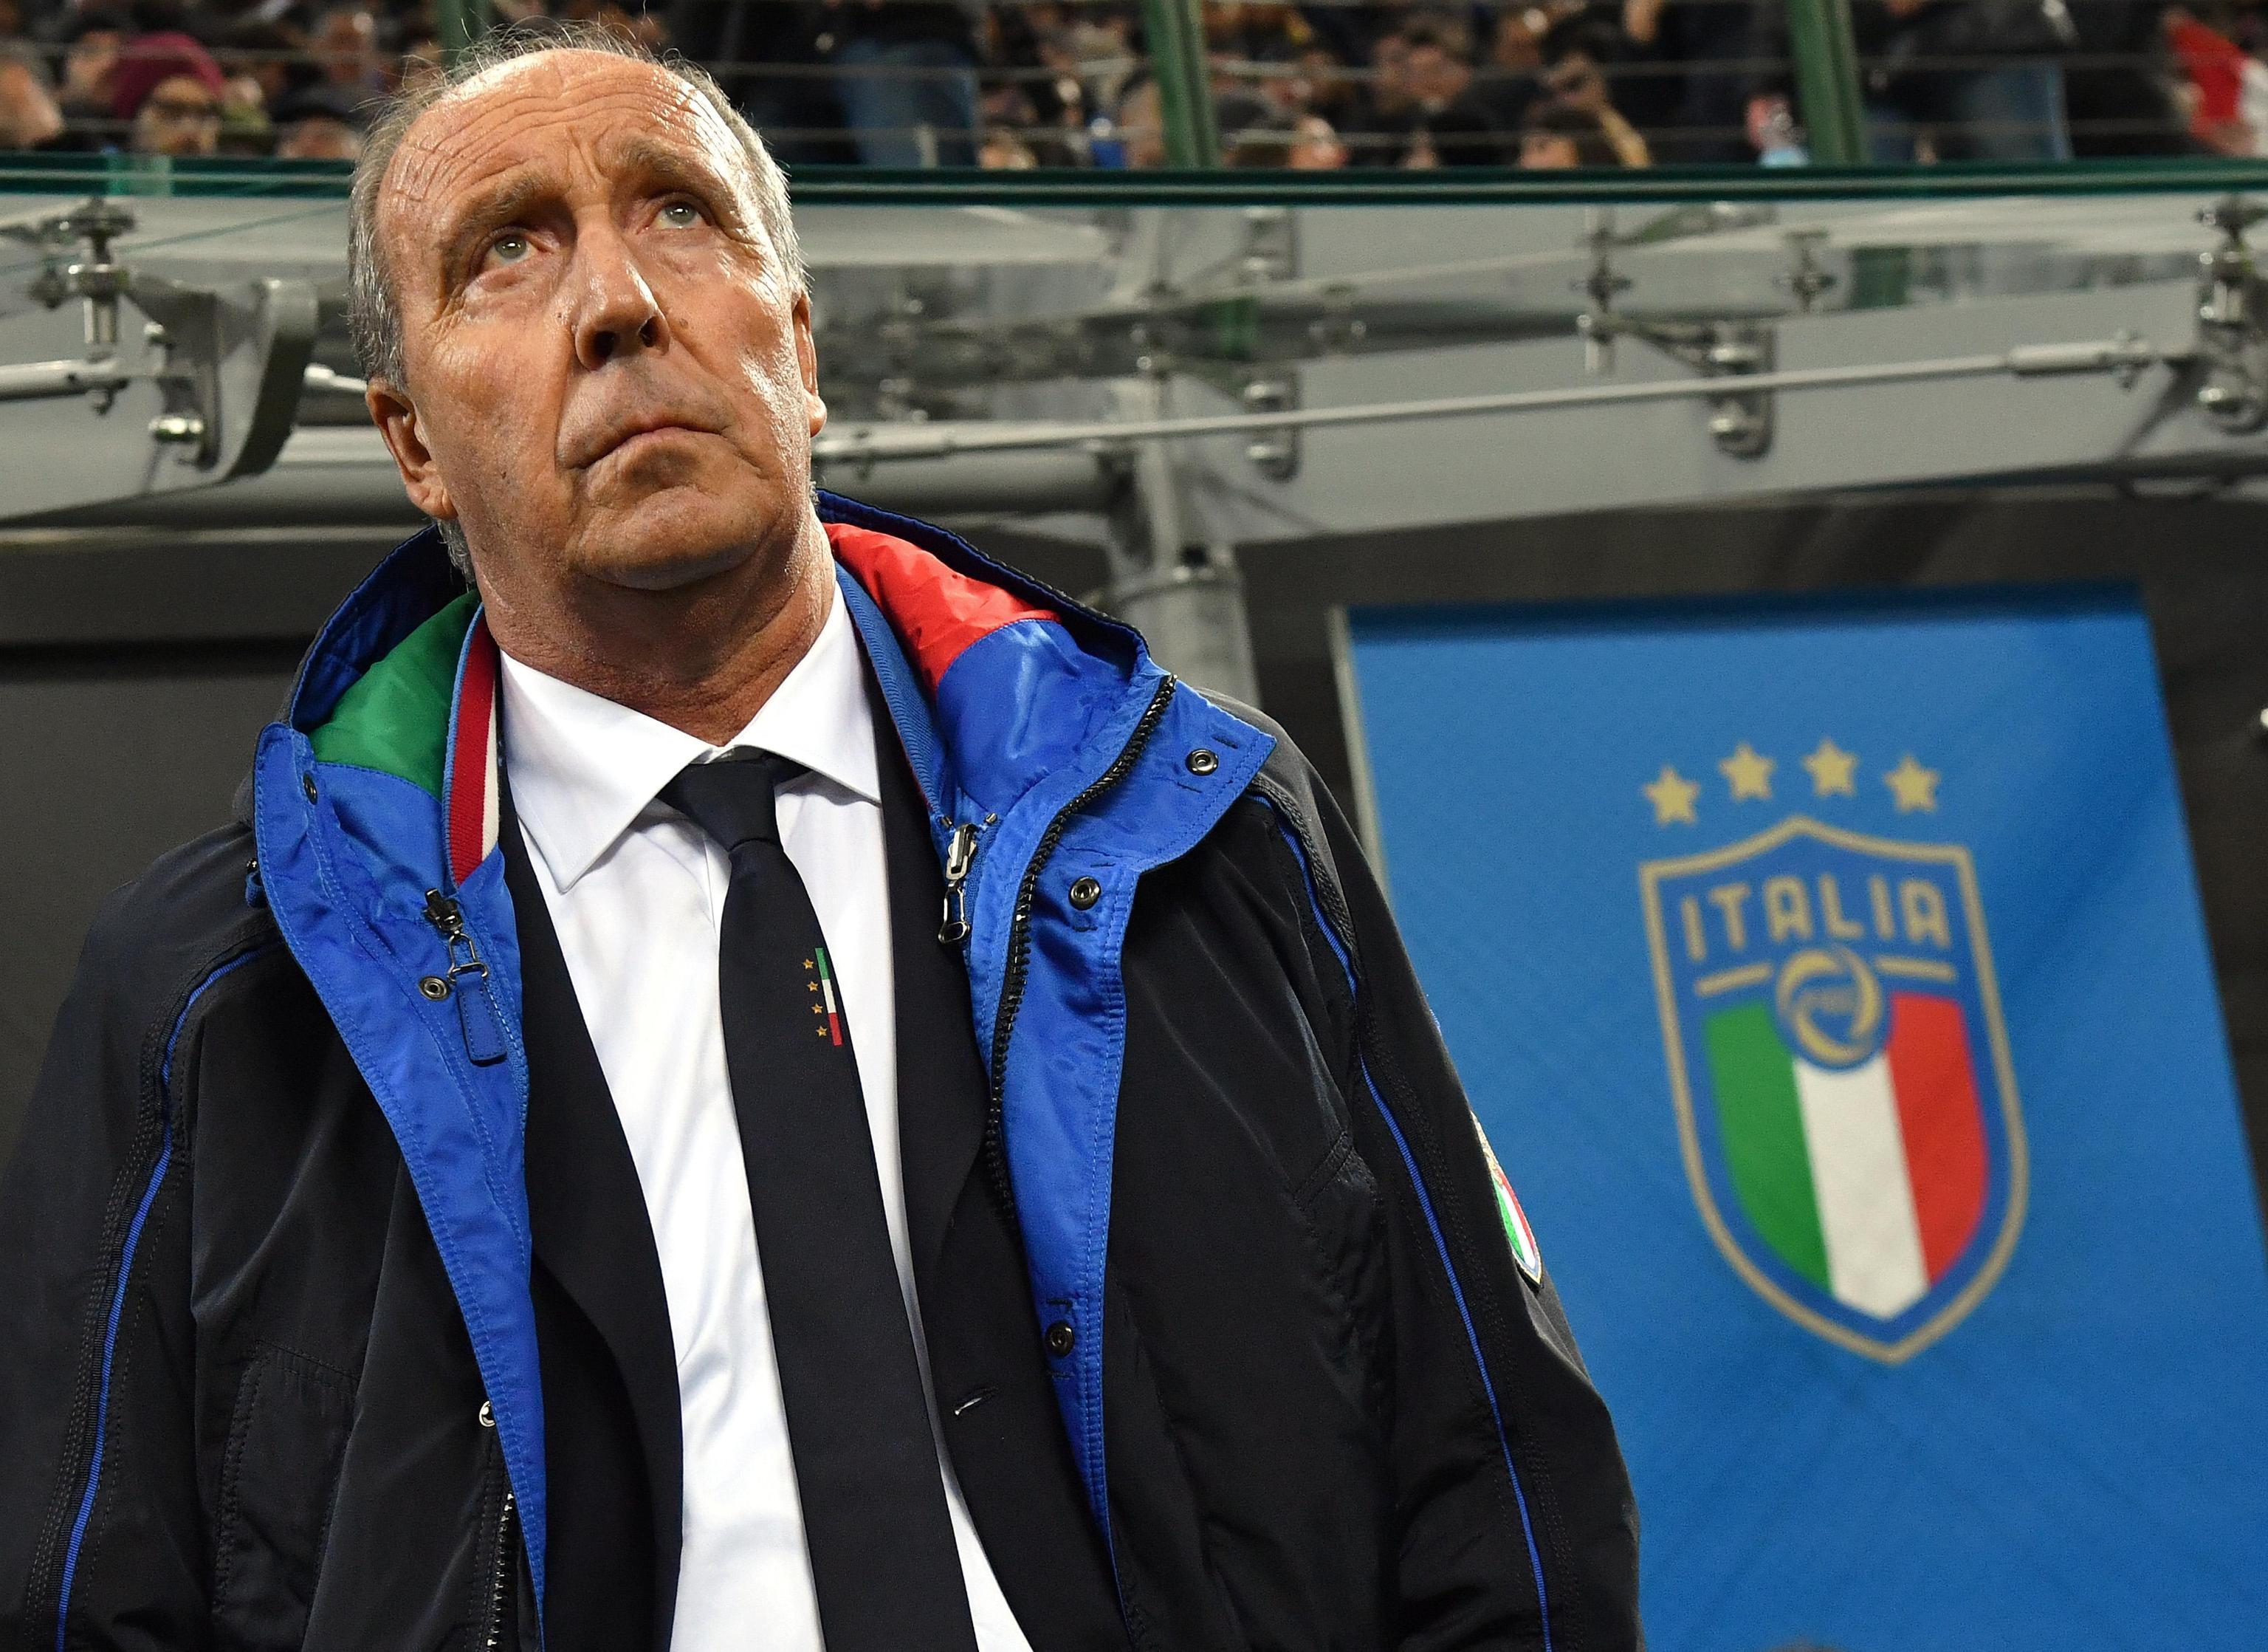 Gian Piero Ventura, niente dimissioni perché si sta separando dalla moglie?